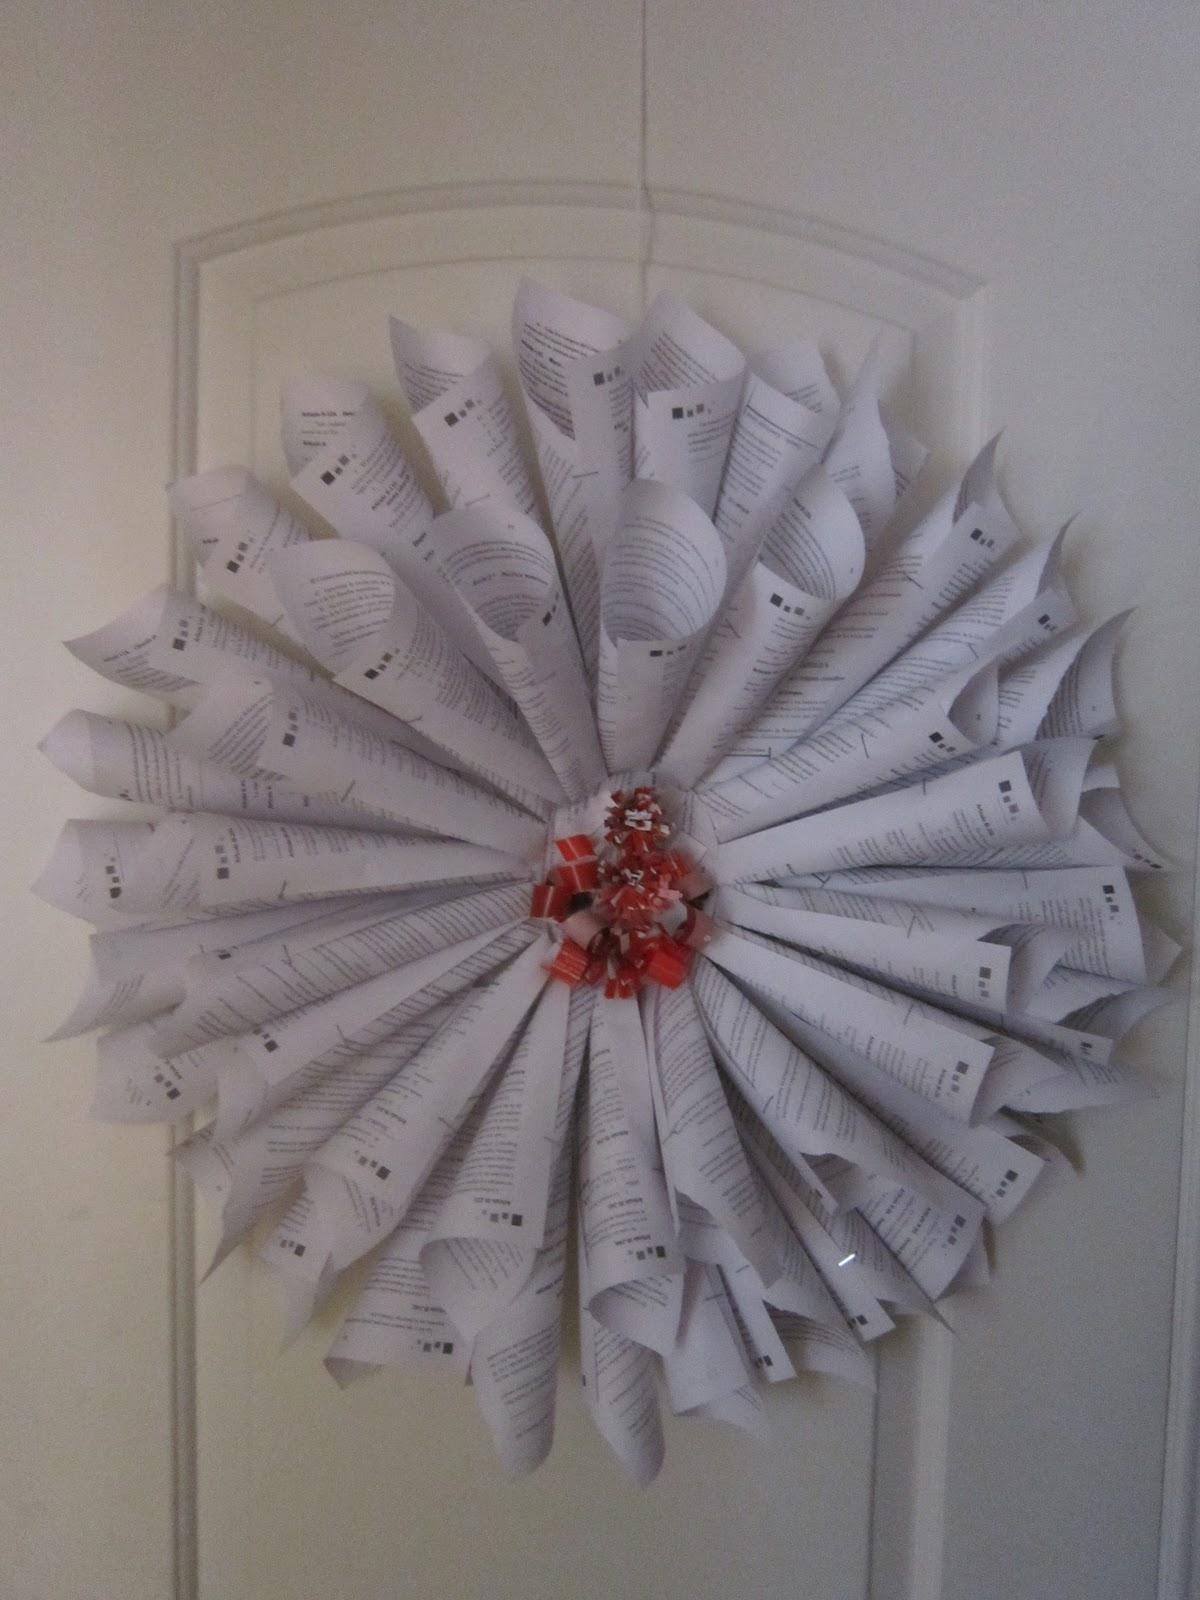 Reciclado artesanal recicla en navidad for Puertas decoradas navidad material reciclable